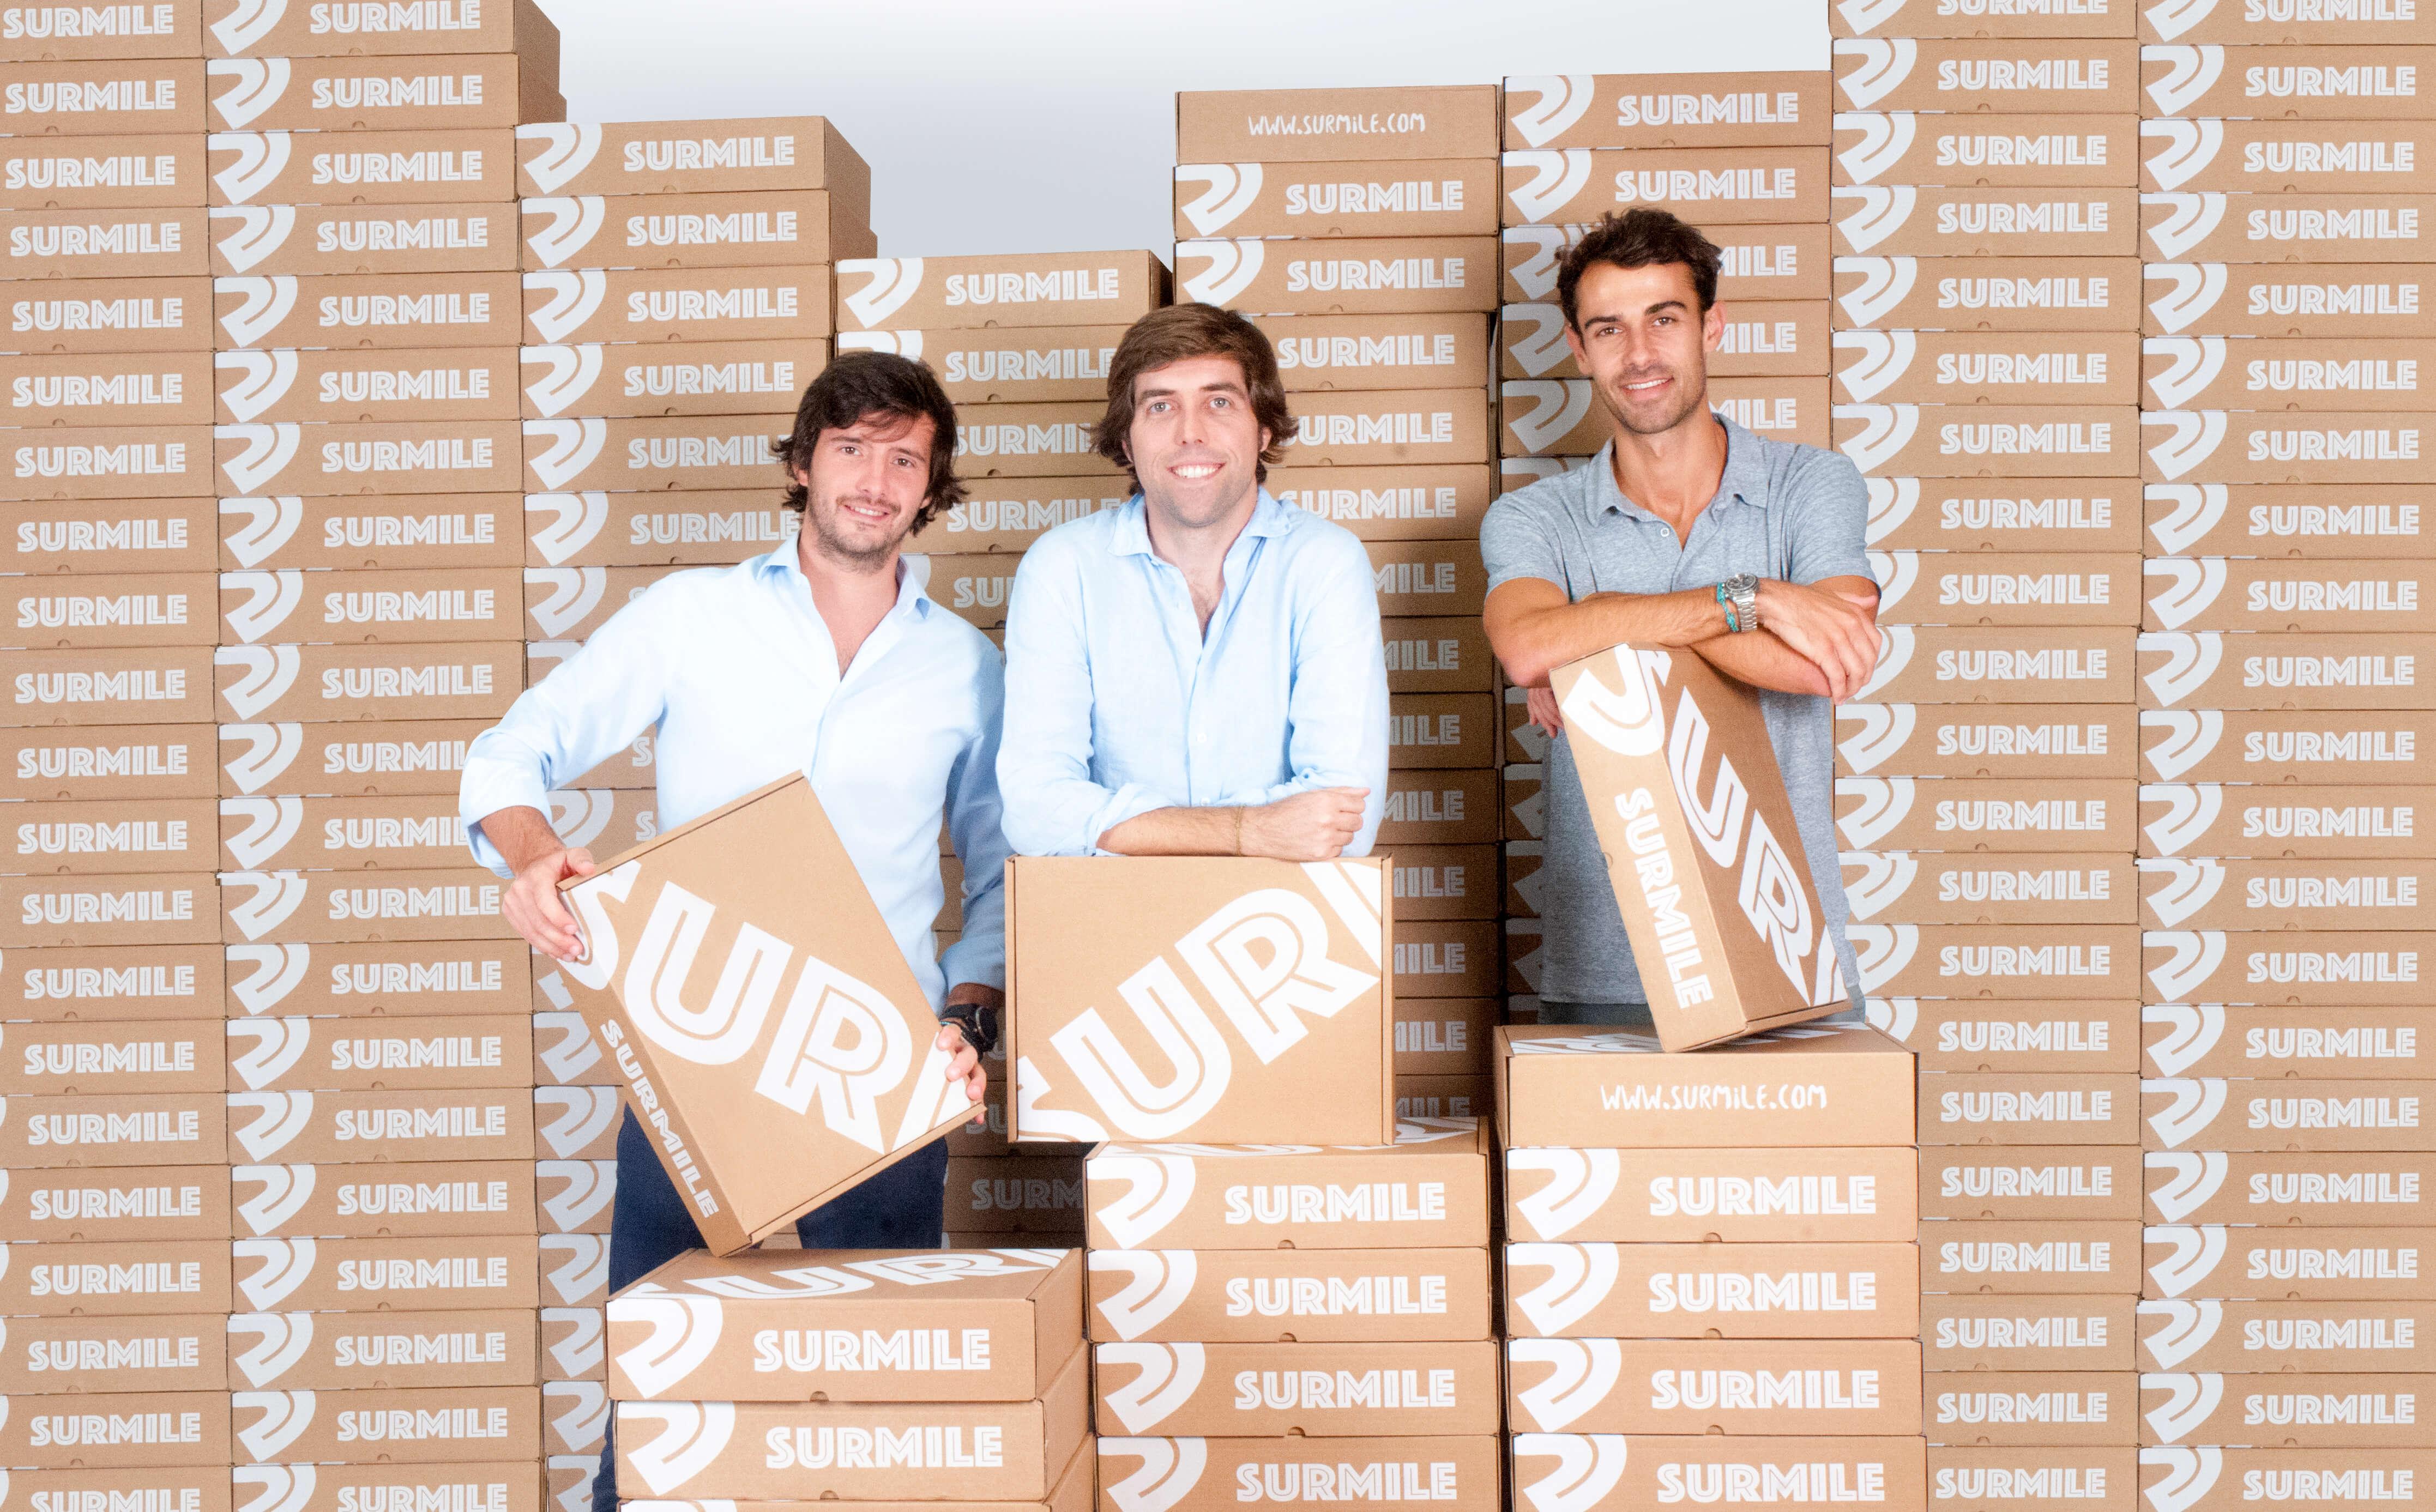 Los fundadores de Surmile posan sonrientes junto a sus cajas postales